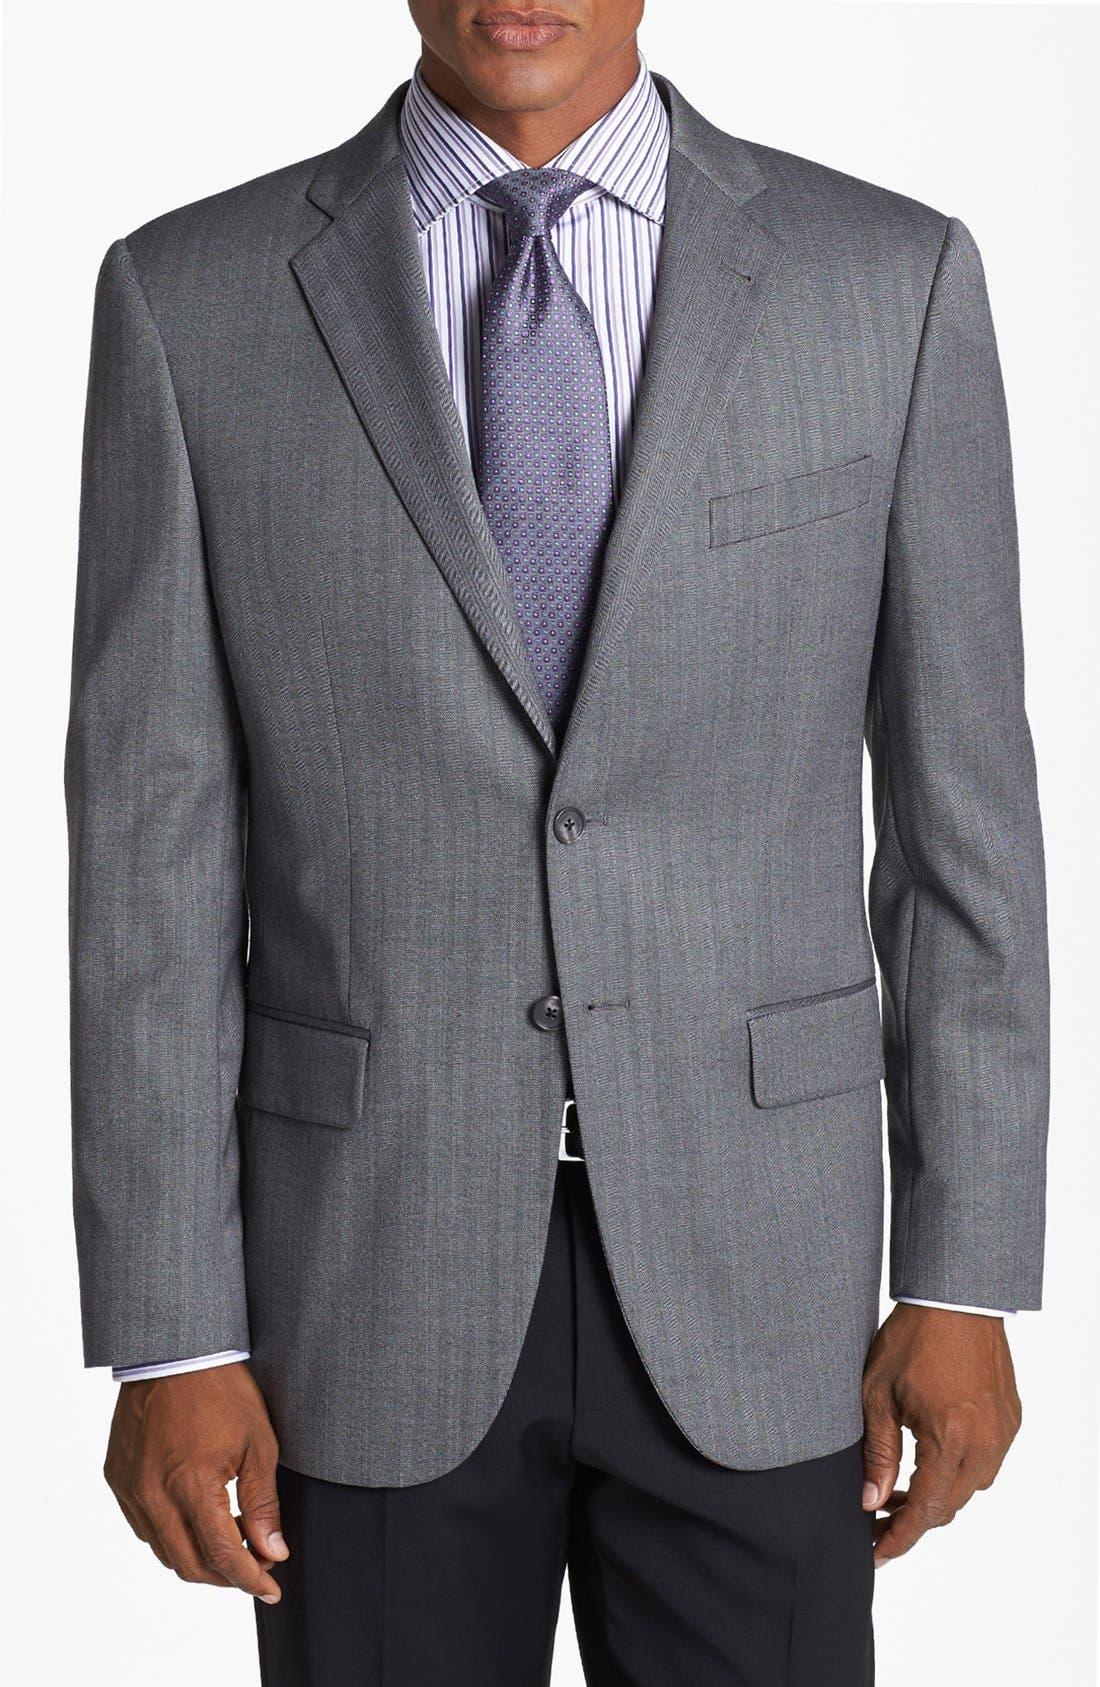 'Profile/Hybrid' Trim Fit Herringbone Sportcoat,                         Main,                         color, Grey Tonal Herringbone